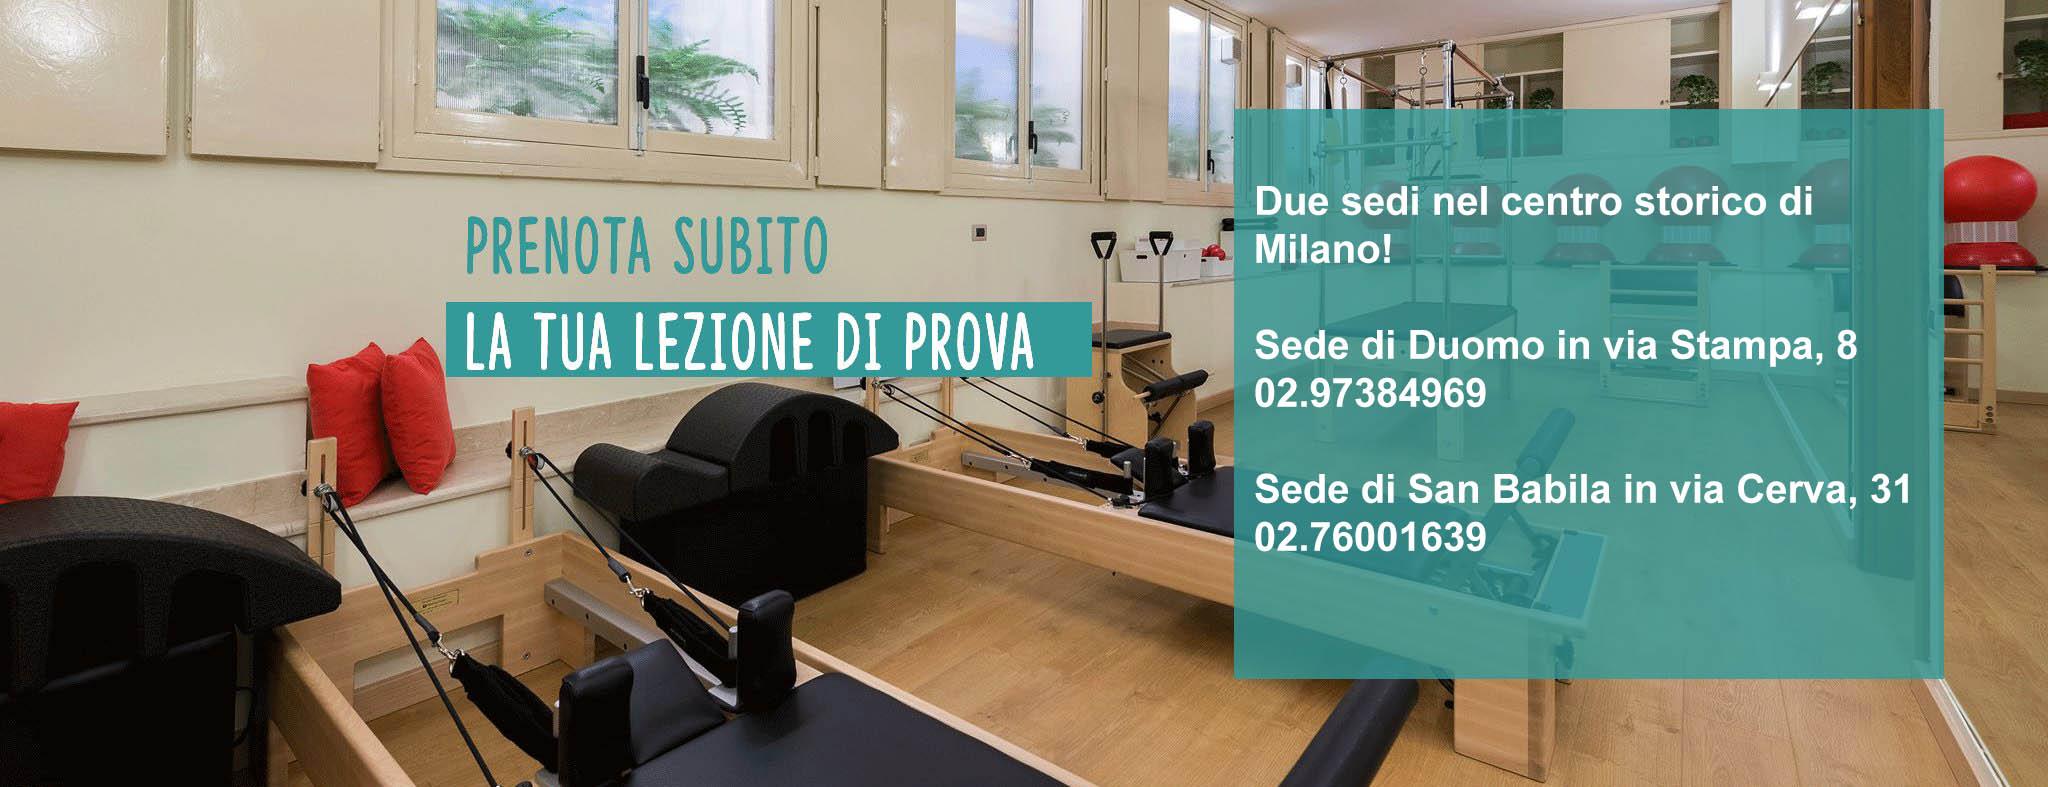 Palestra Pilates Santa Giulia Milano - Prenota subito la tua lezione di prova